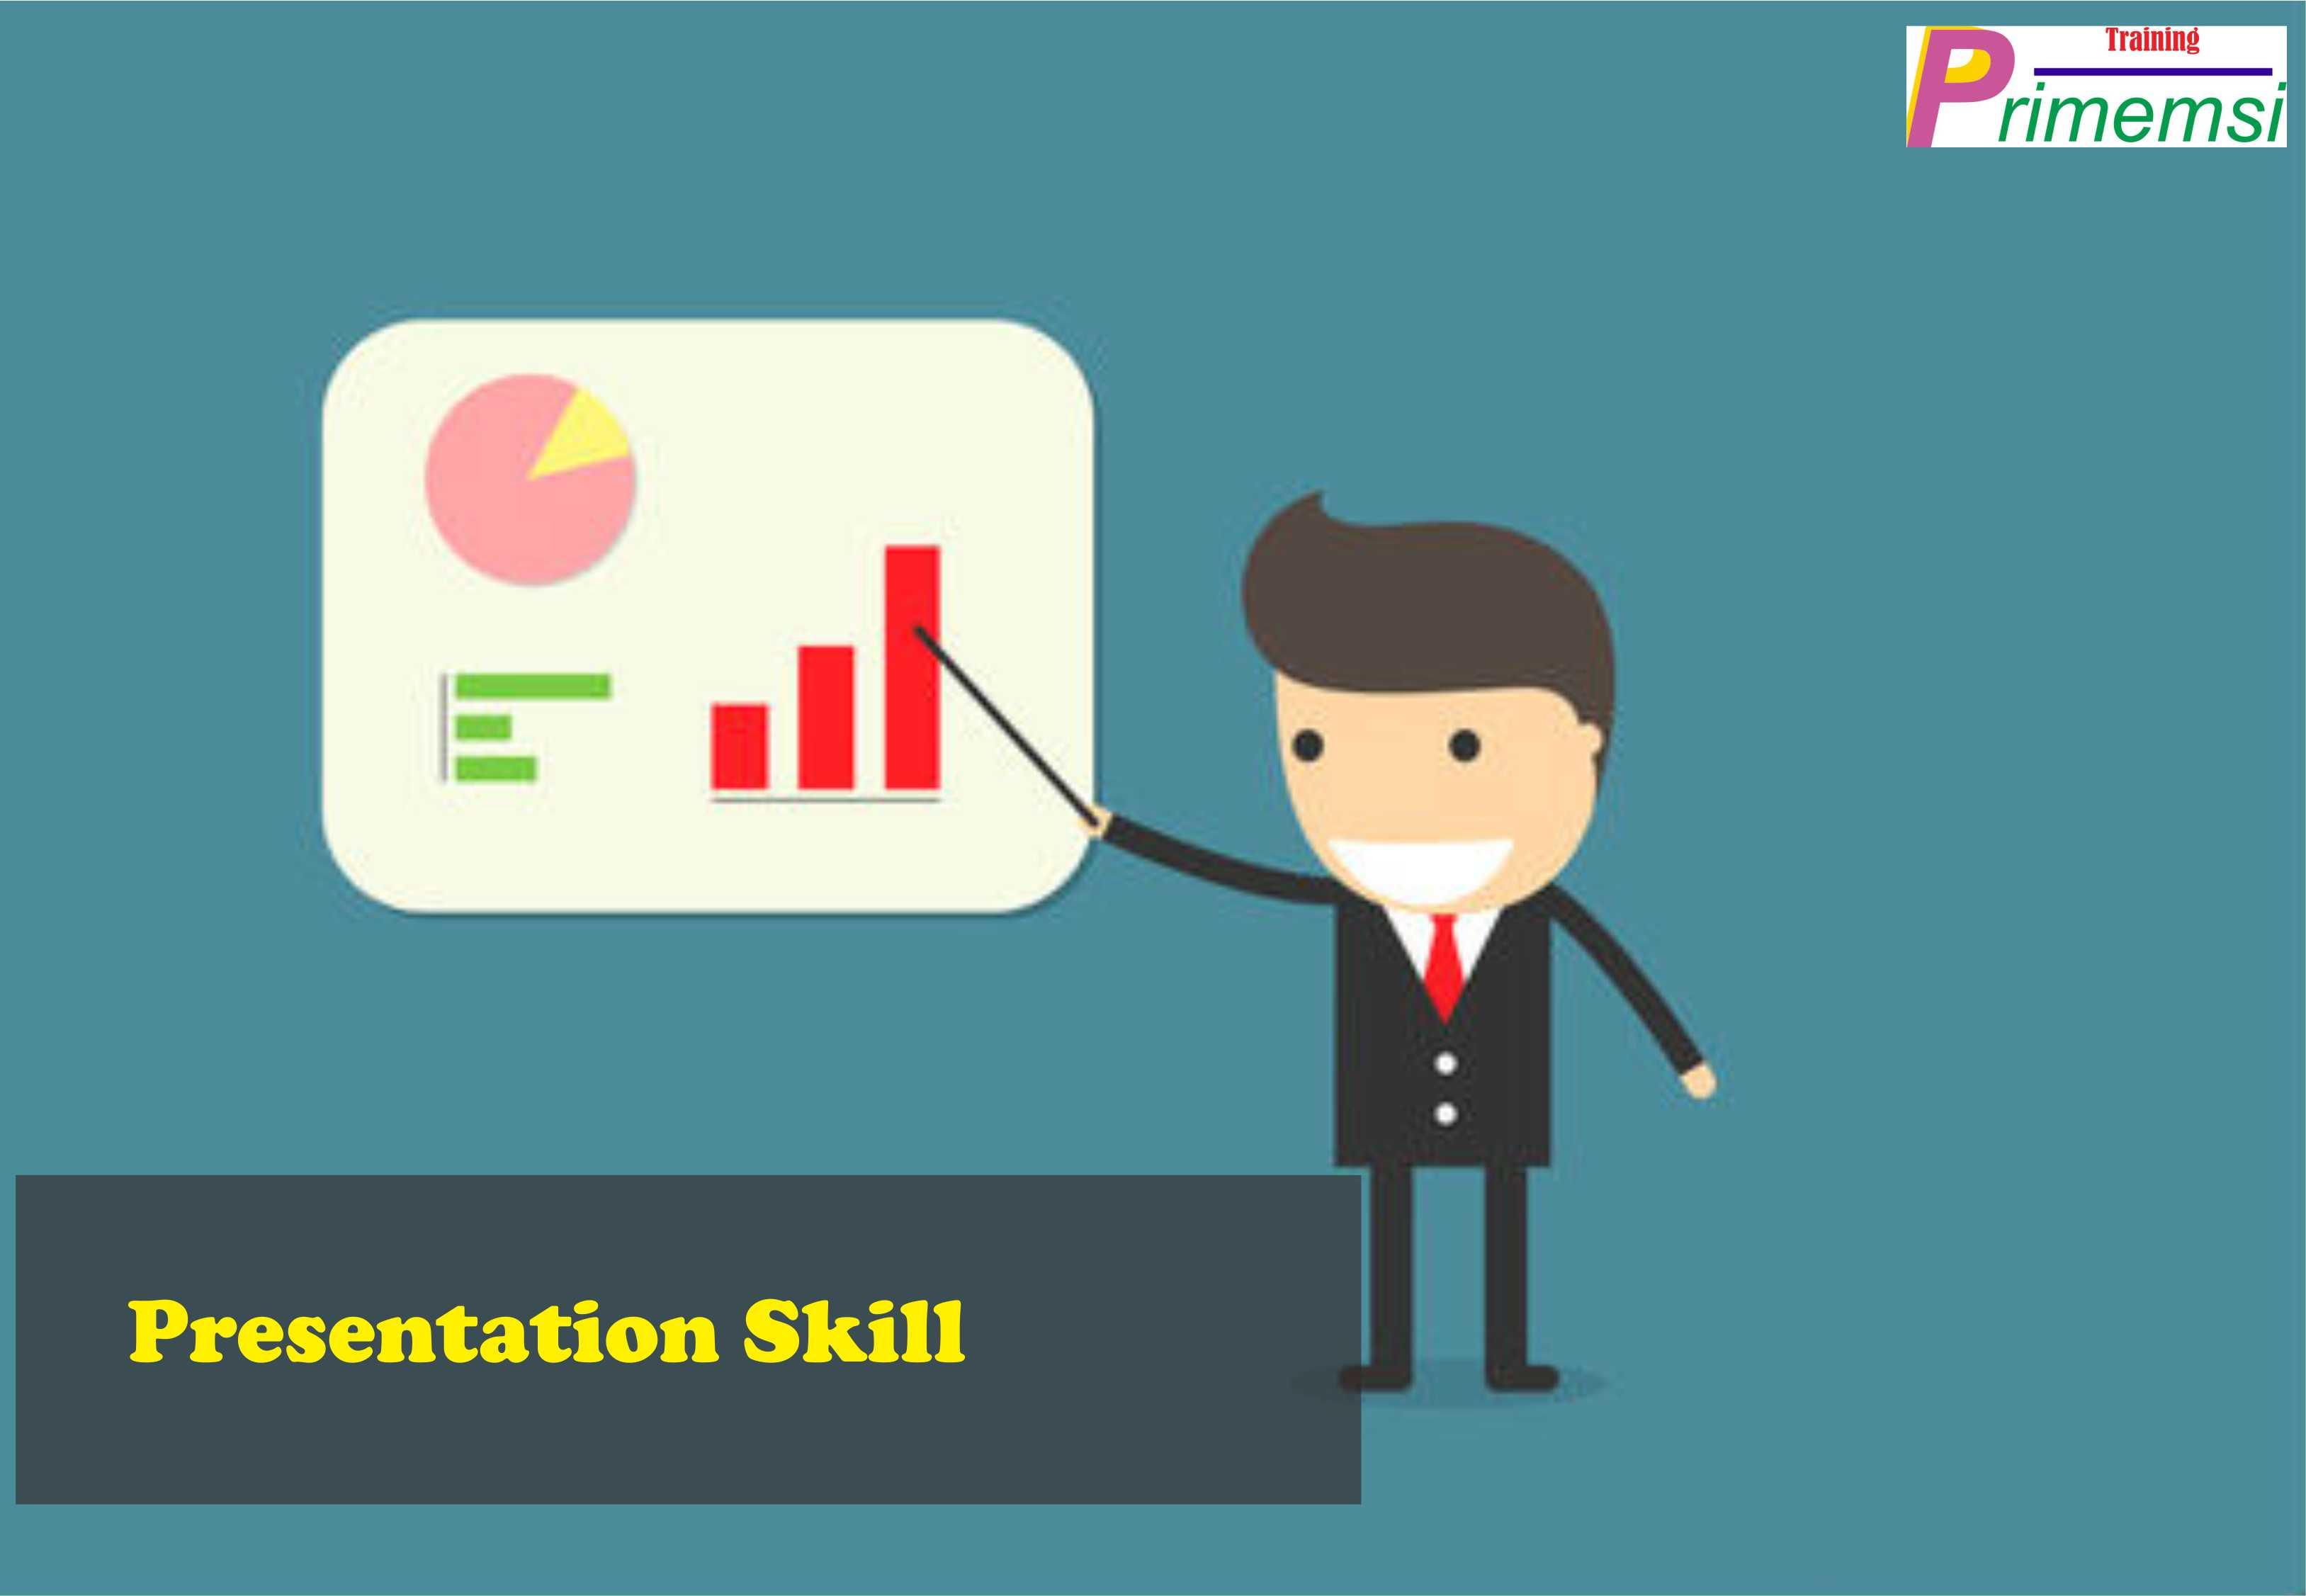 training presentation skill - Training Presentasi